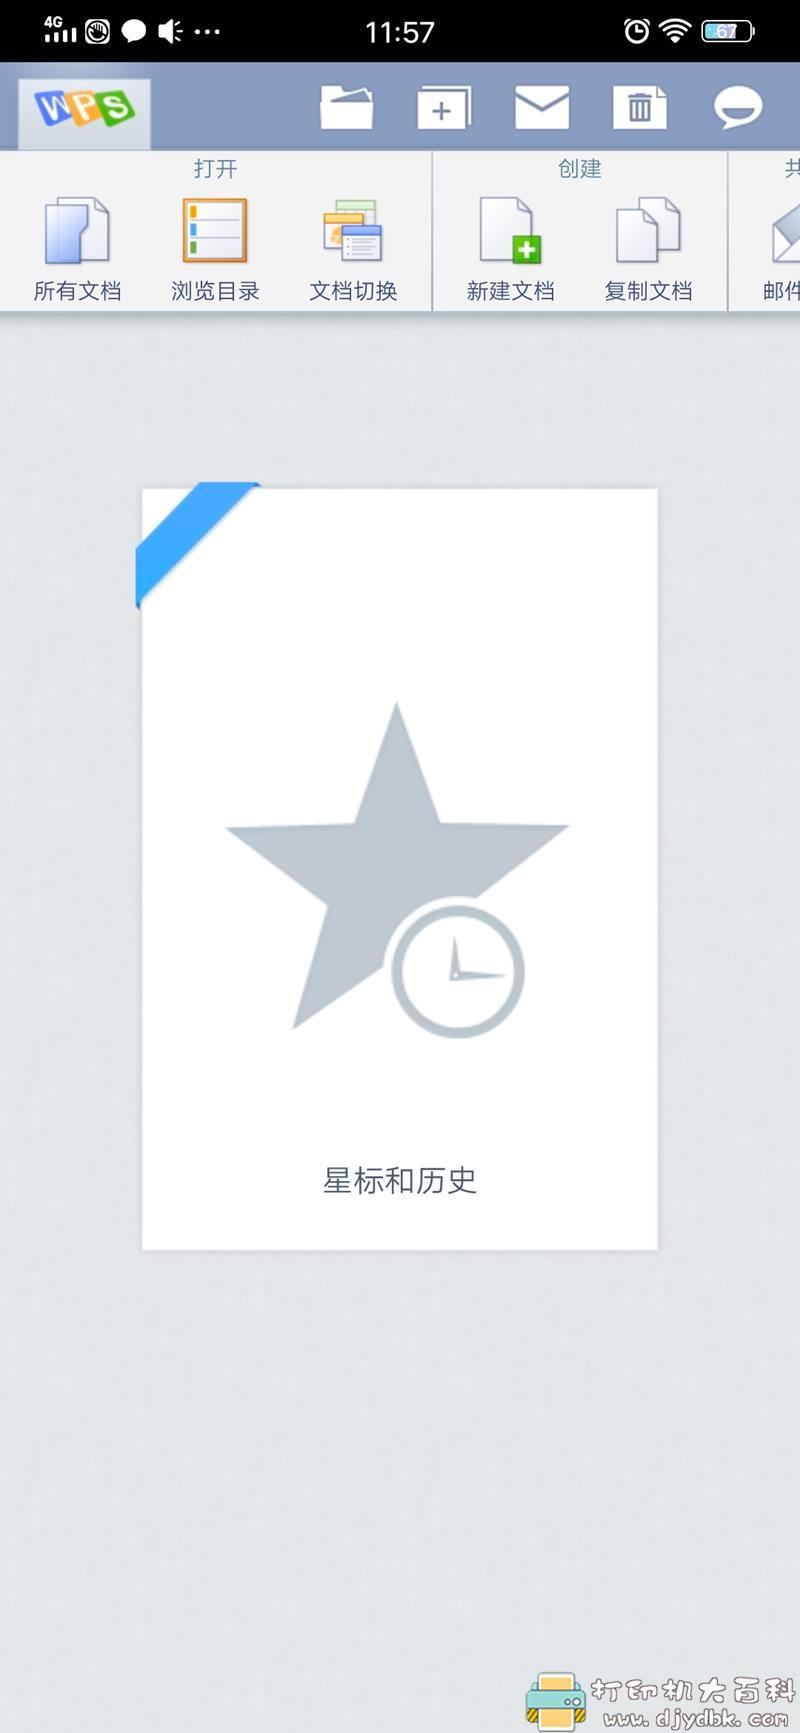 [Android]华为G7自带5.5版本wps 不一样的操作体验图片 No.1